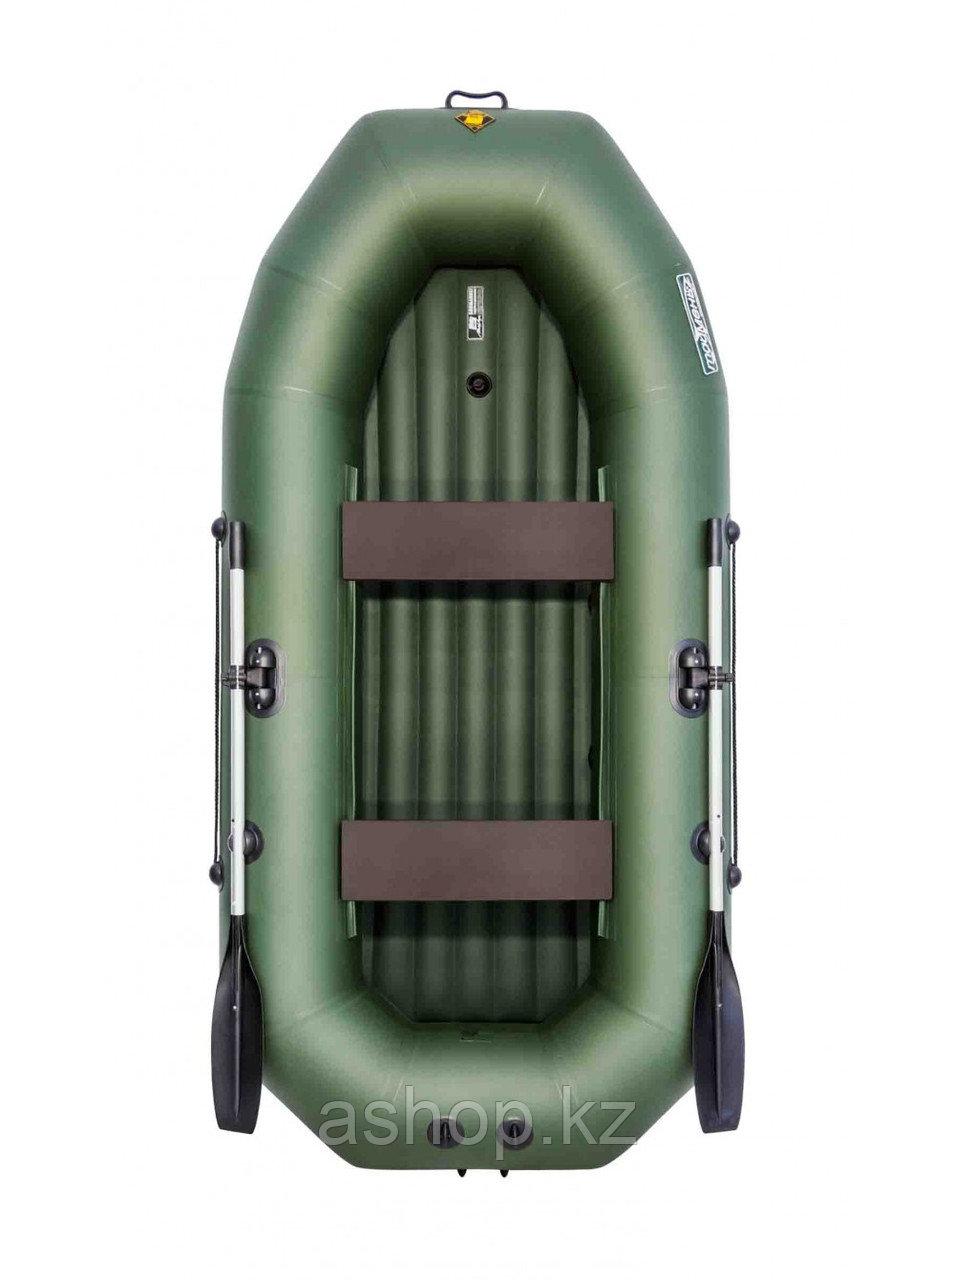 Лодка гребная надувная плоскодонная Таймень N 270 НД, Грузоподъемность: 220кг, Вместимость: 2 чел., Кол-во отс